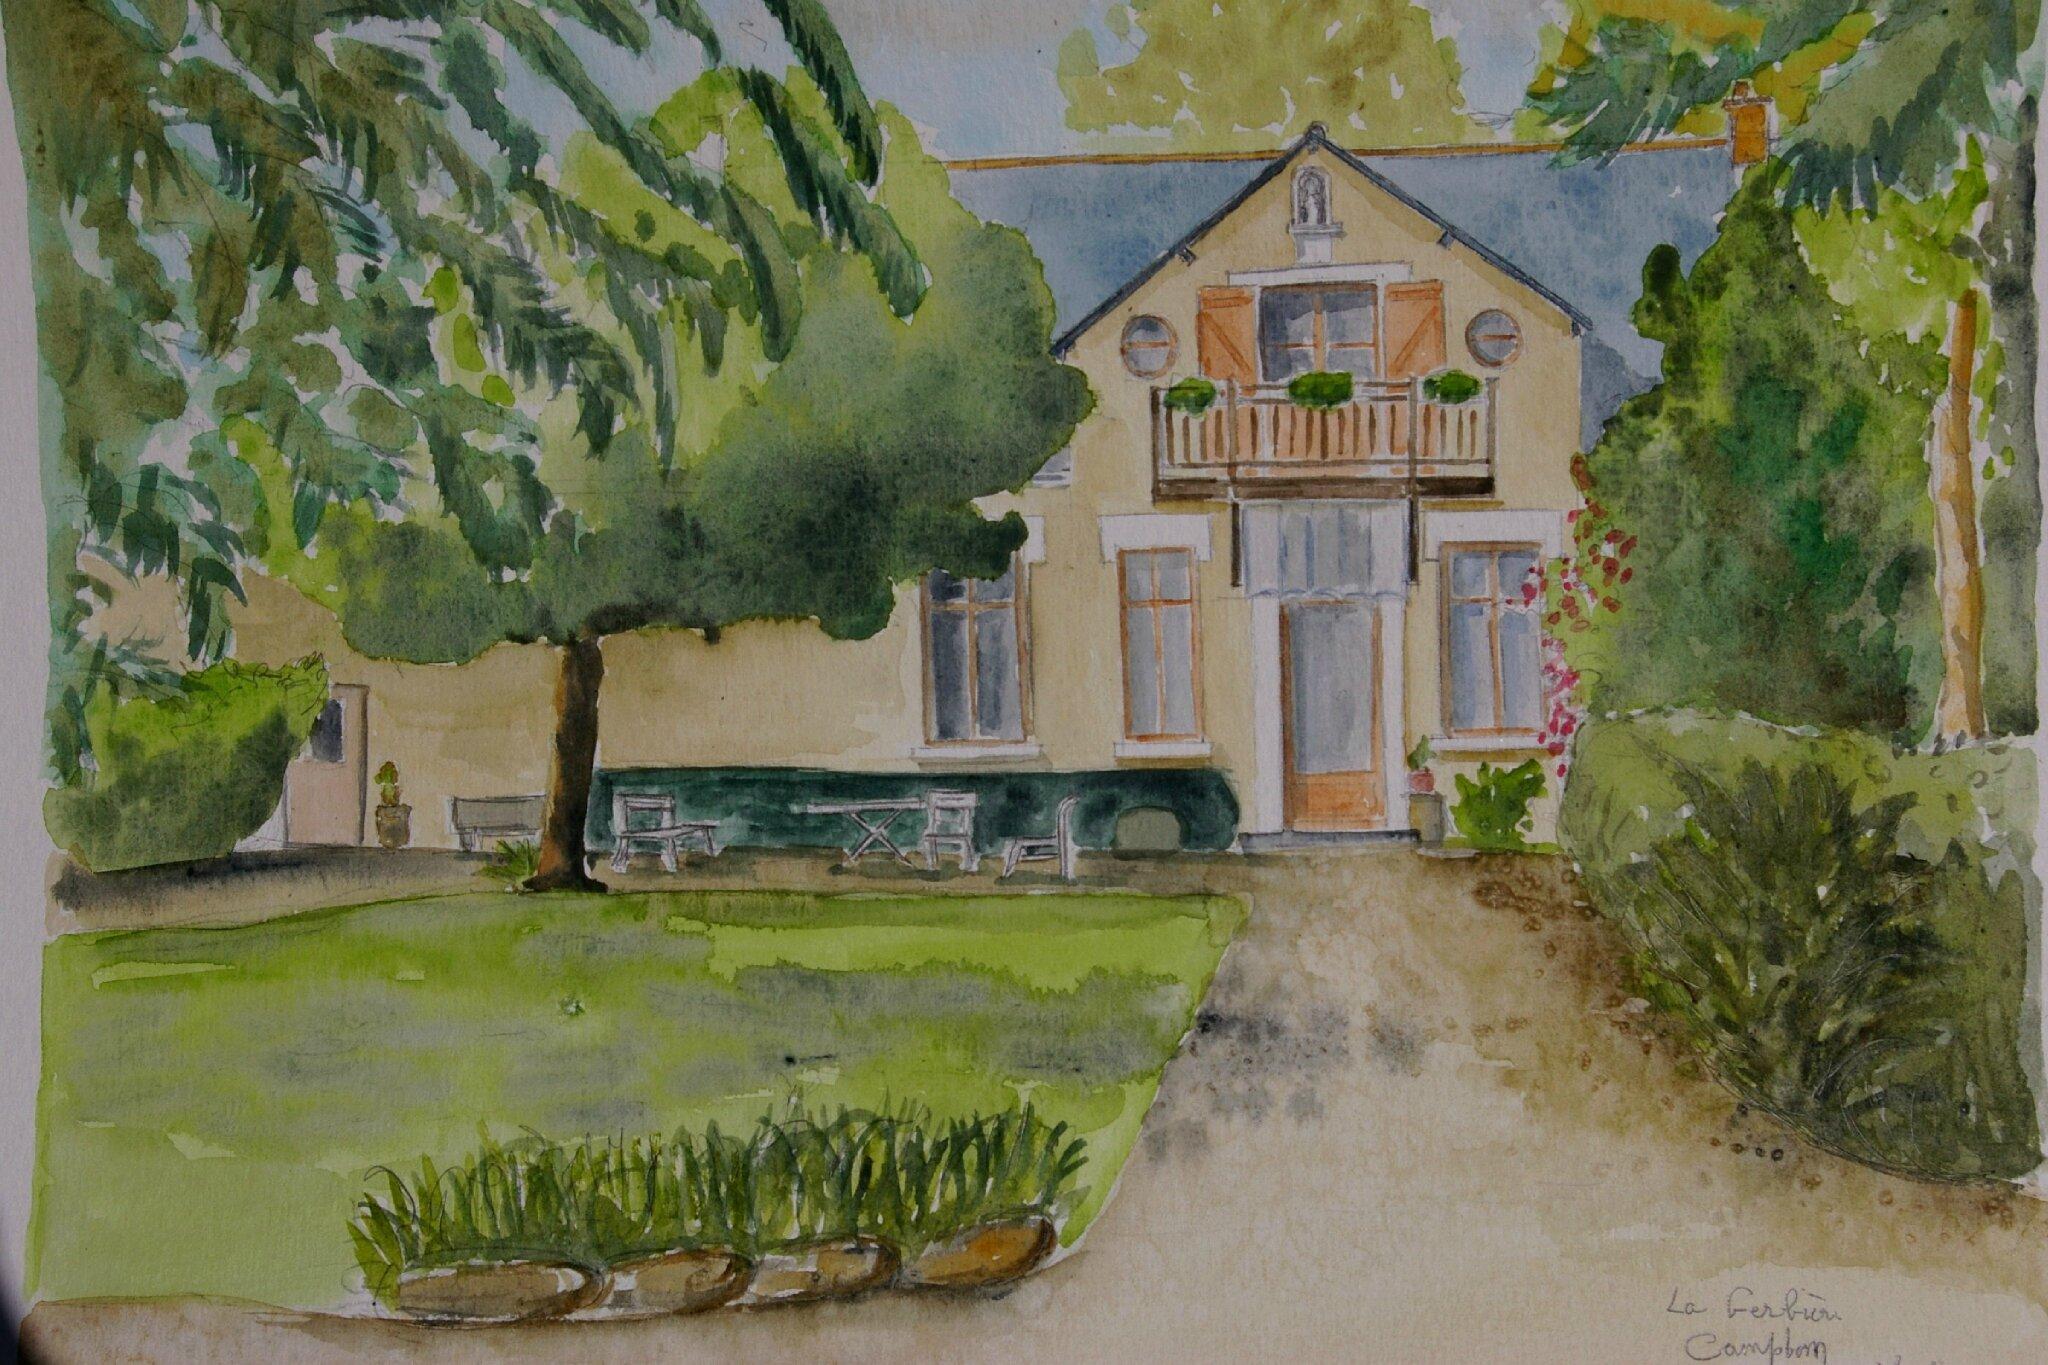 La gerbi re campbon loire atlantique aquarelle for Aquarelle maison